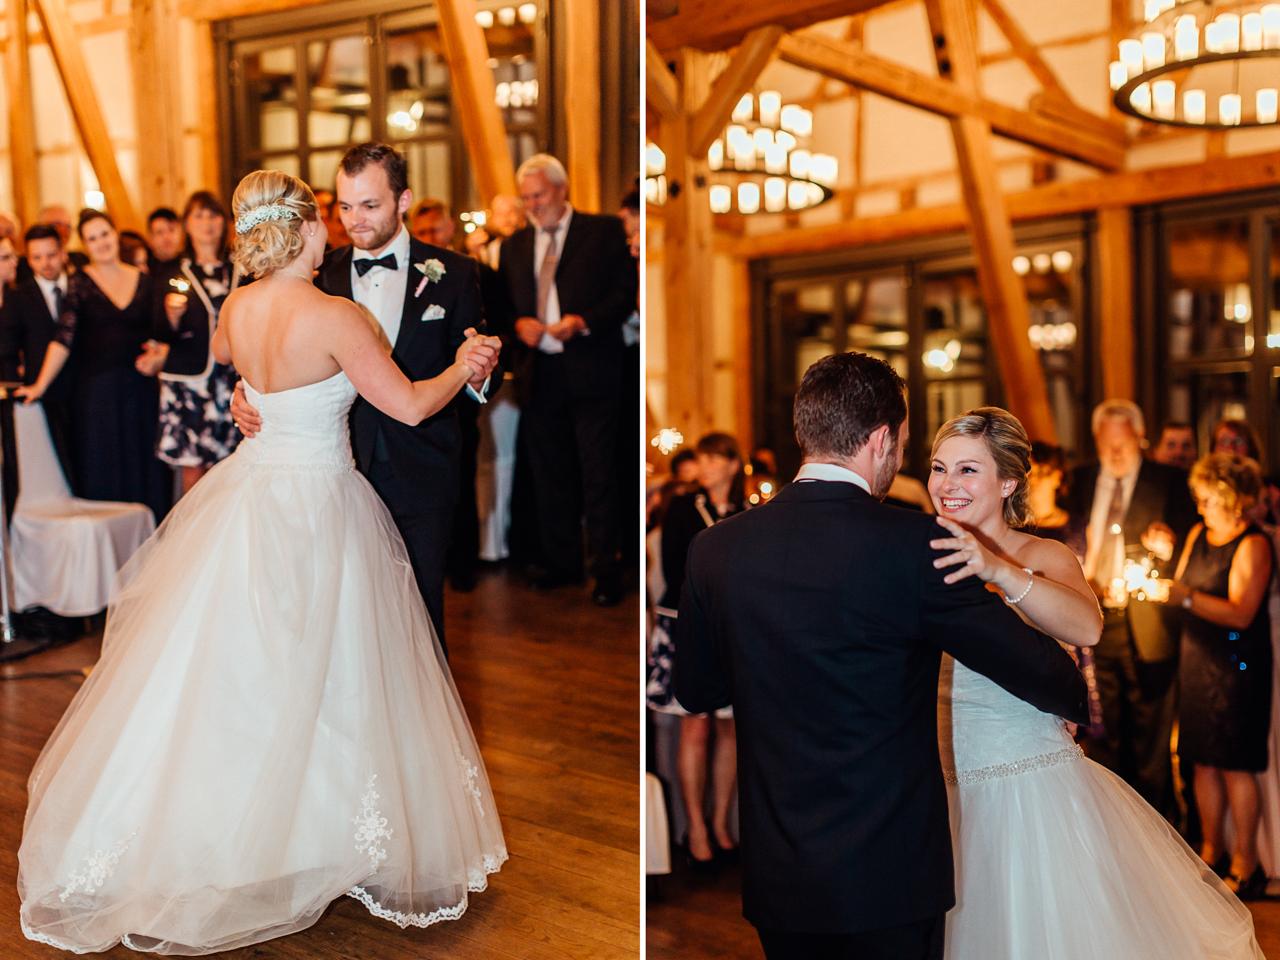 Hochzeit Eventscheune Dagobertshausen - Julia & Florian - Sandra Socha Fotografie - 106